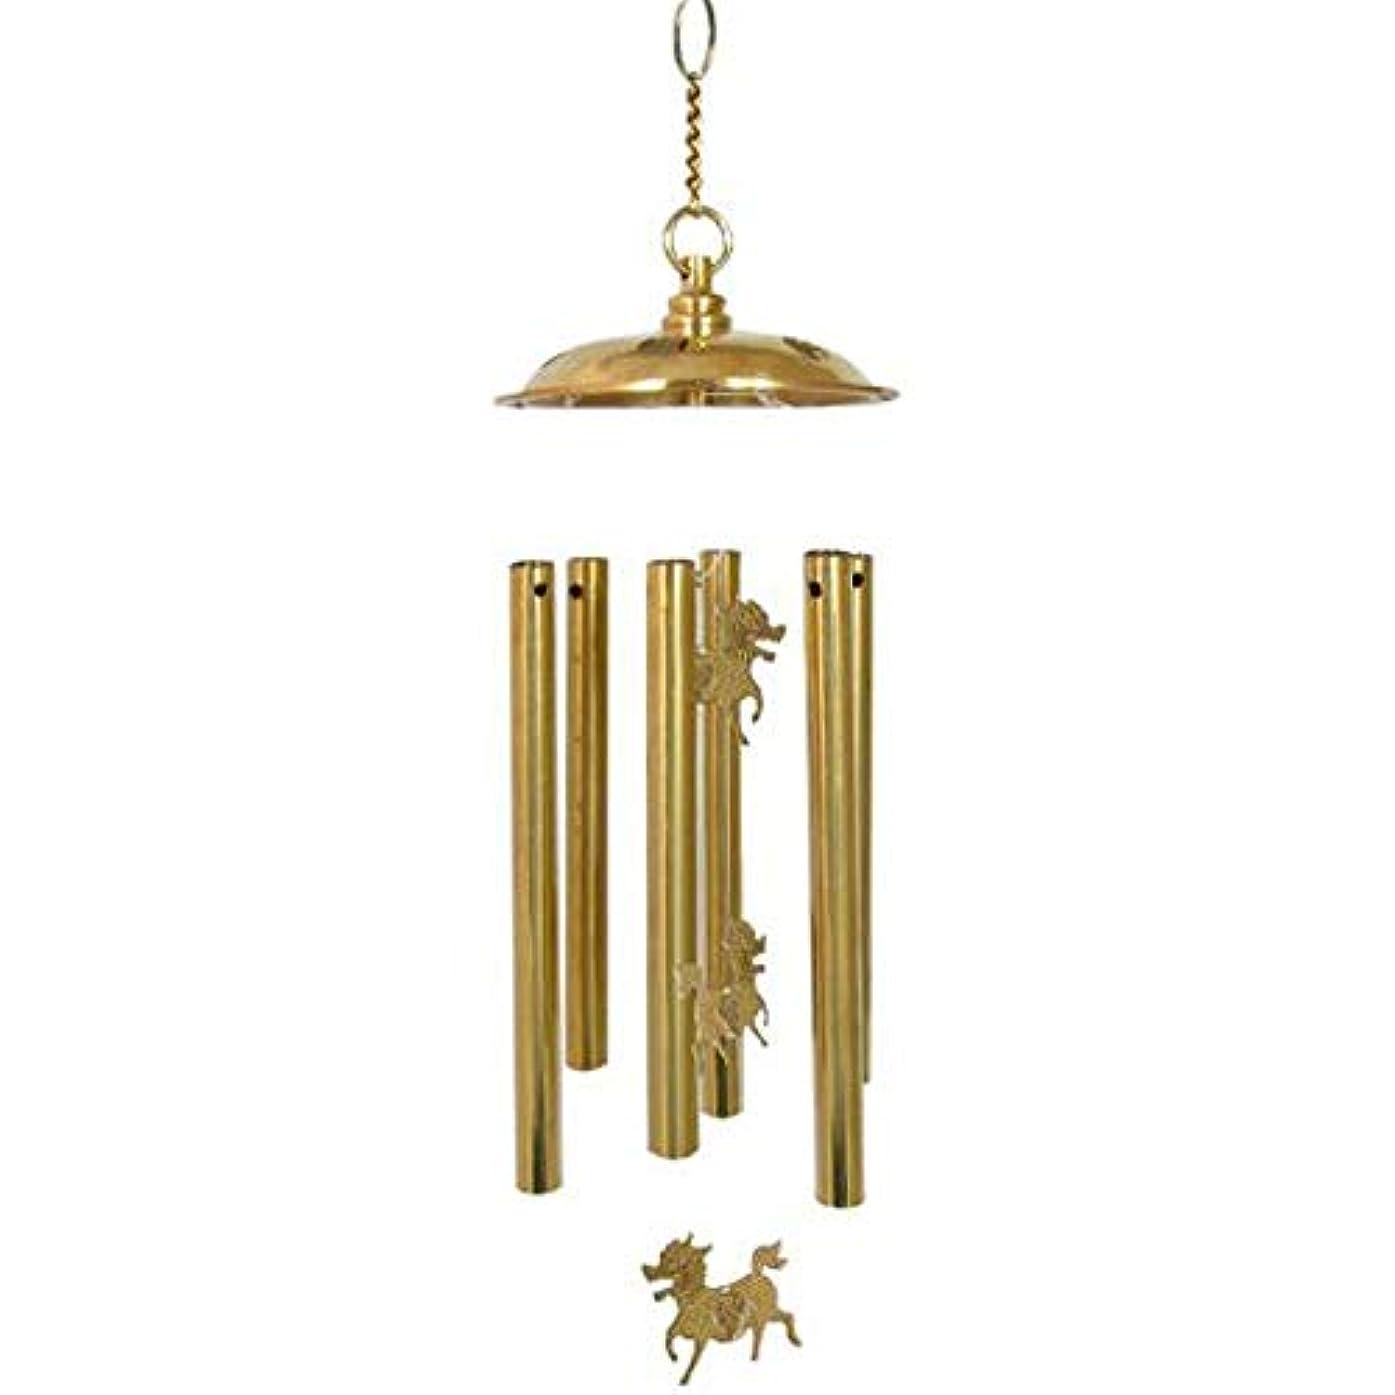 マンハッタン撃退するチキンFengshangshanghang 風チャイム、ホーム銅風チャイム、ゴールド、全身について48センチメートル,家の装飾